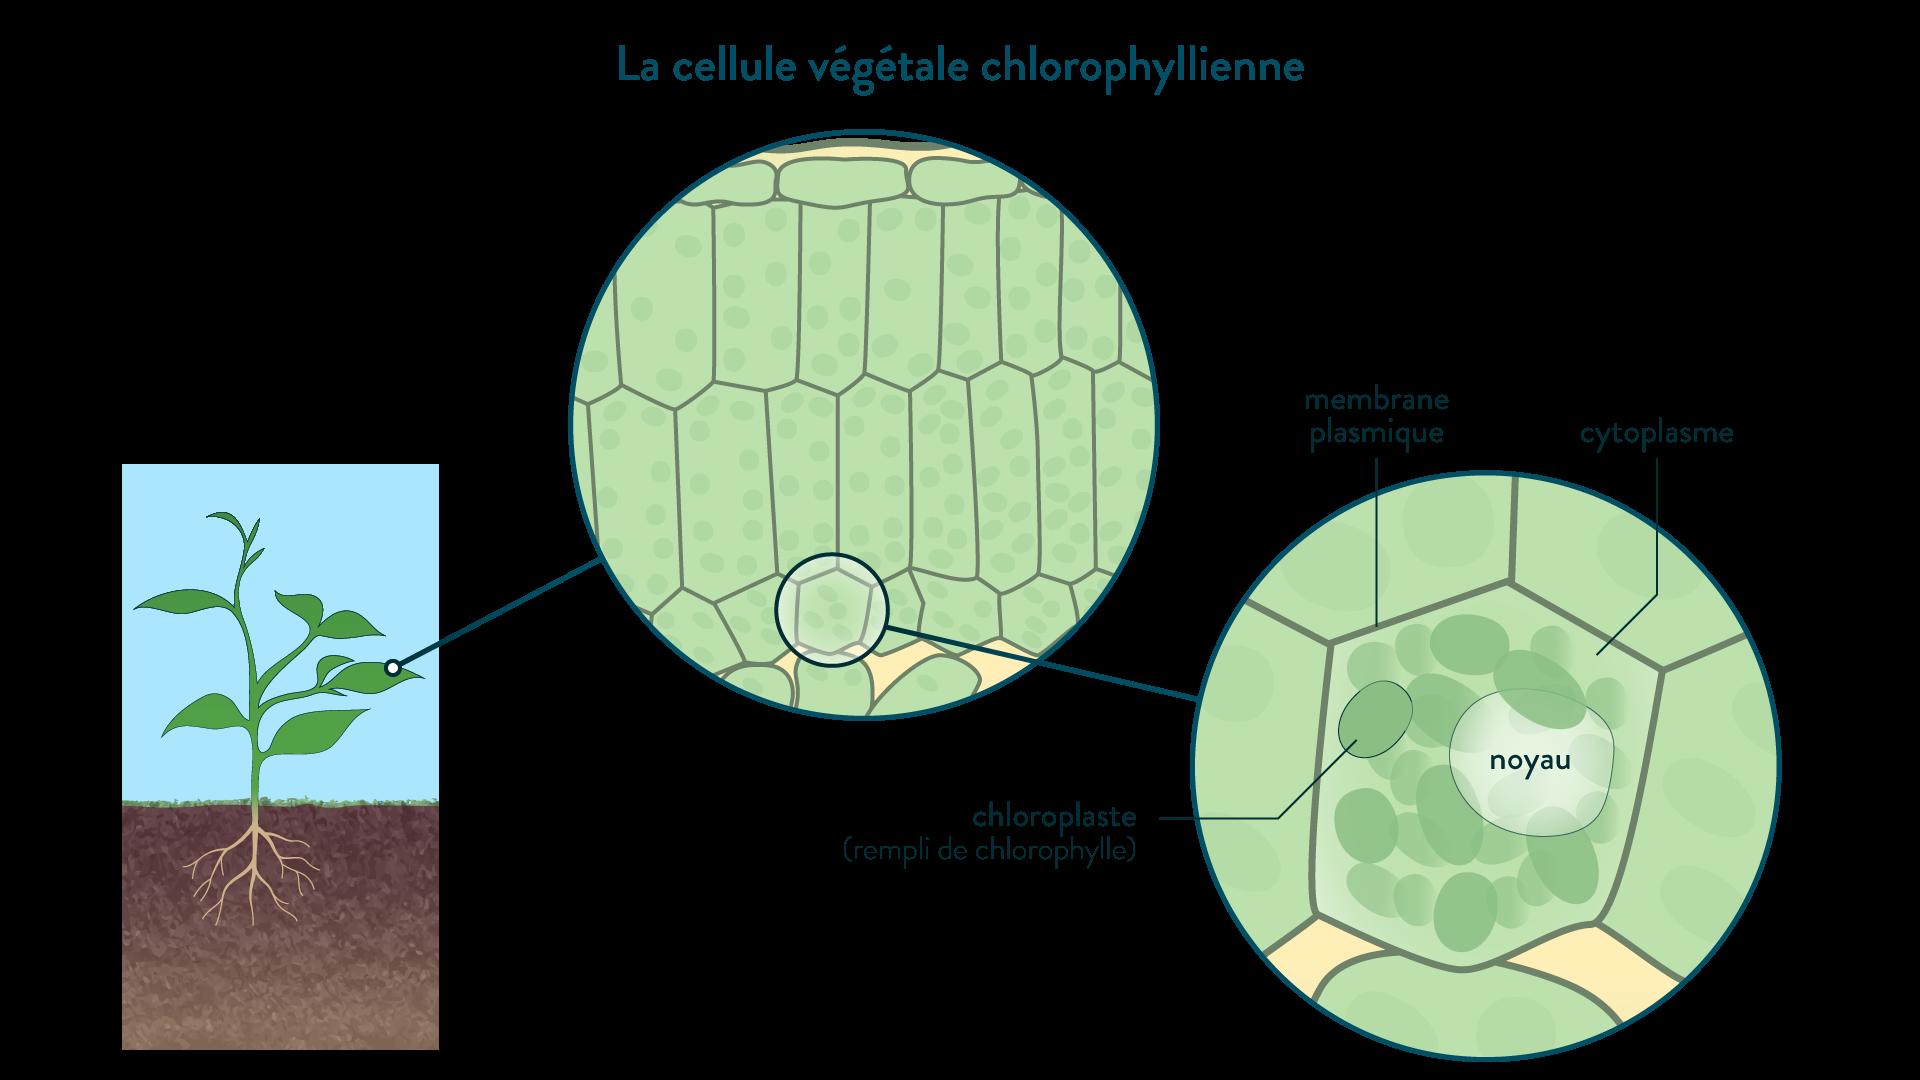 La cellule végétale chlorophyllienne